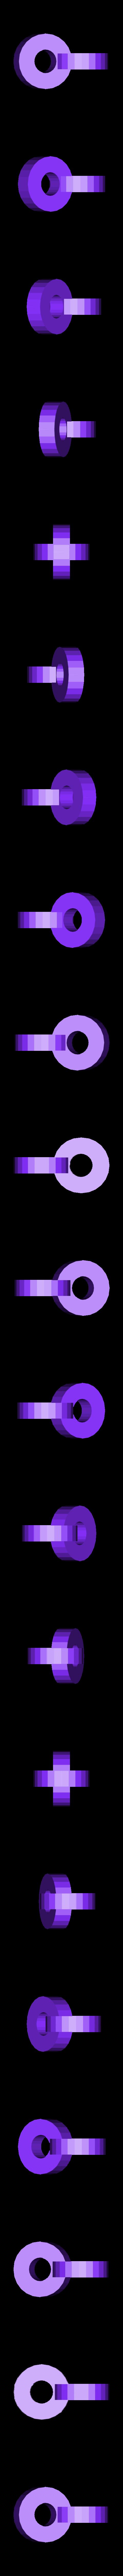 Hanger_expander.stl Download free STL file Hook expander • 3D printable design, Gonzalor